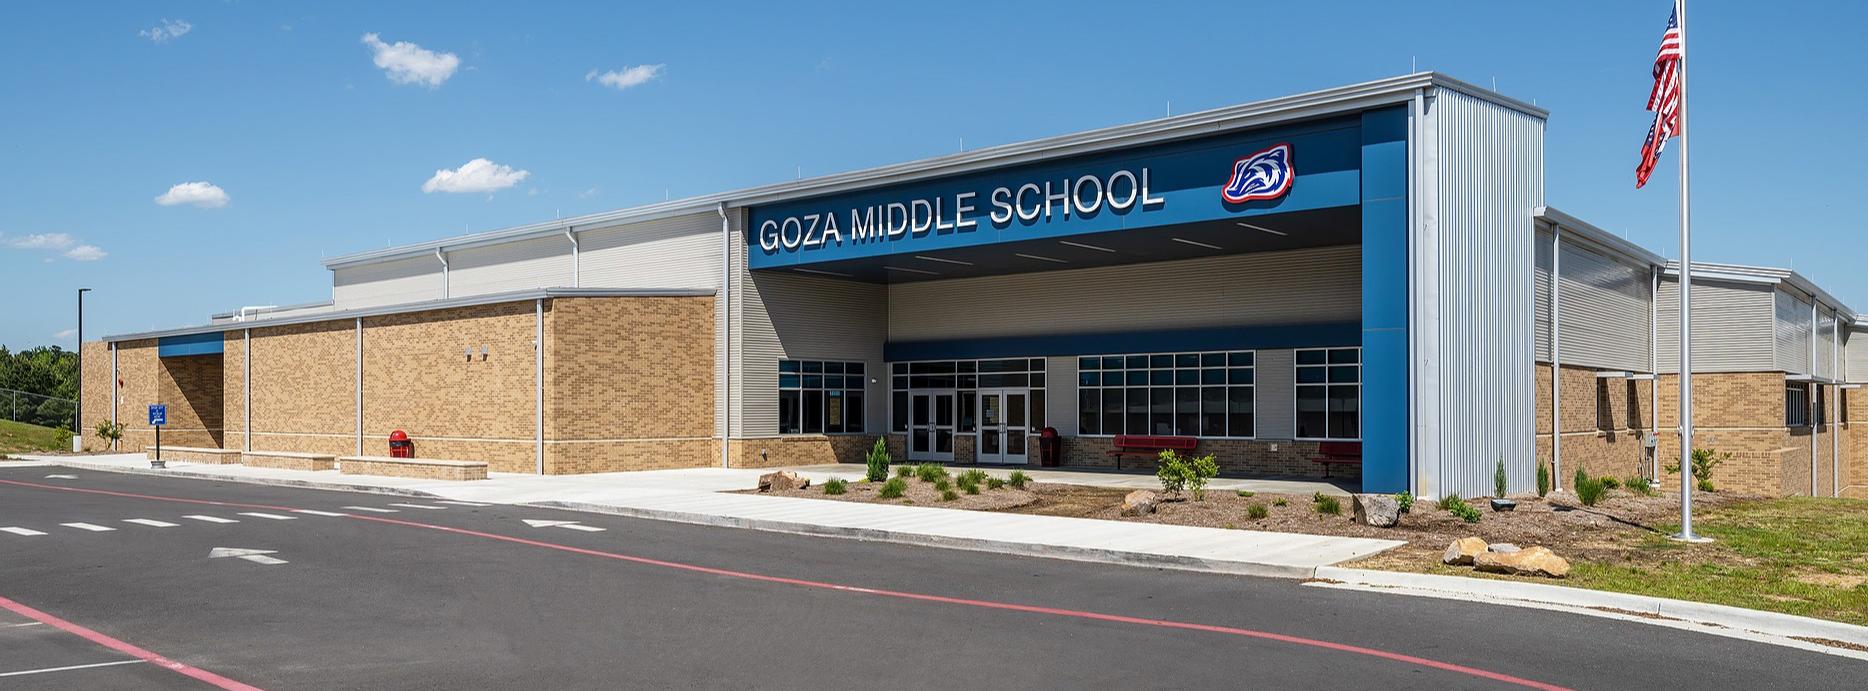 New-Goza-Building